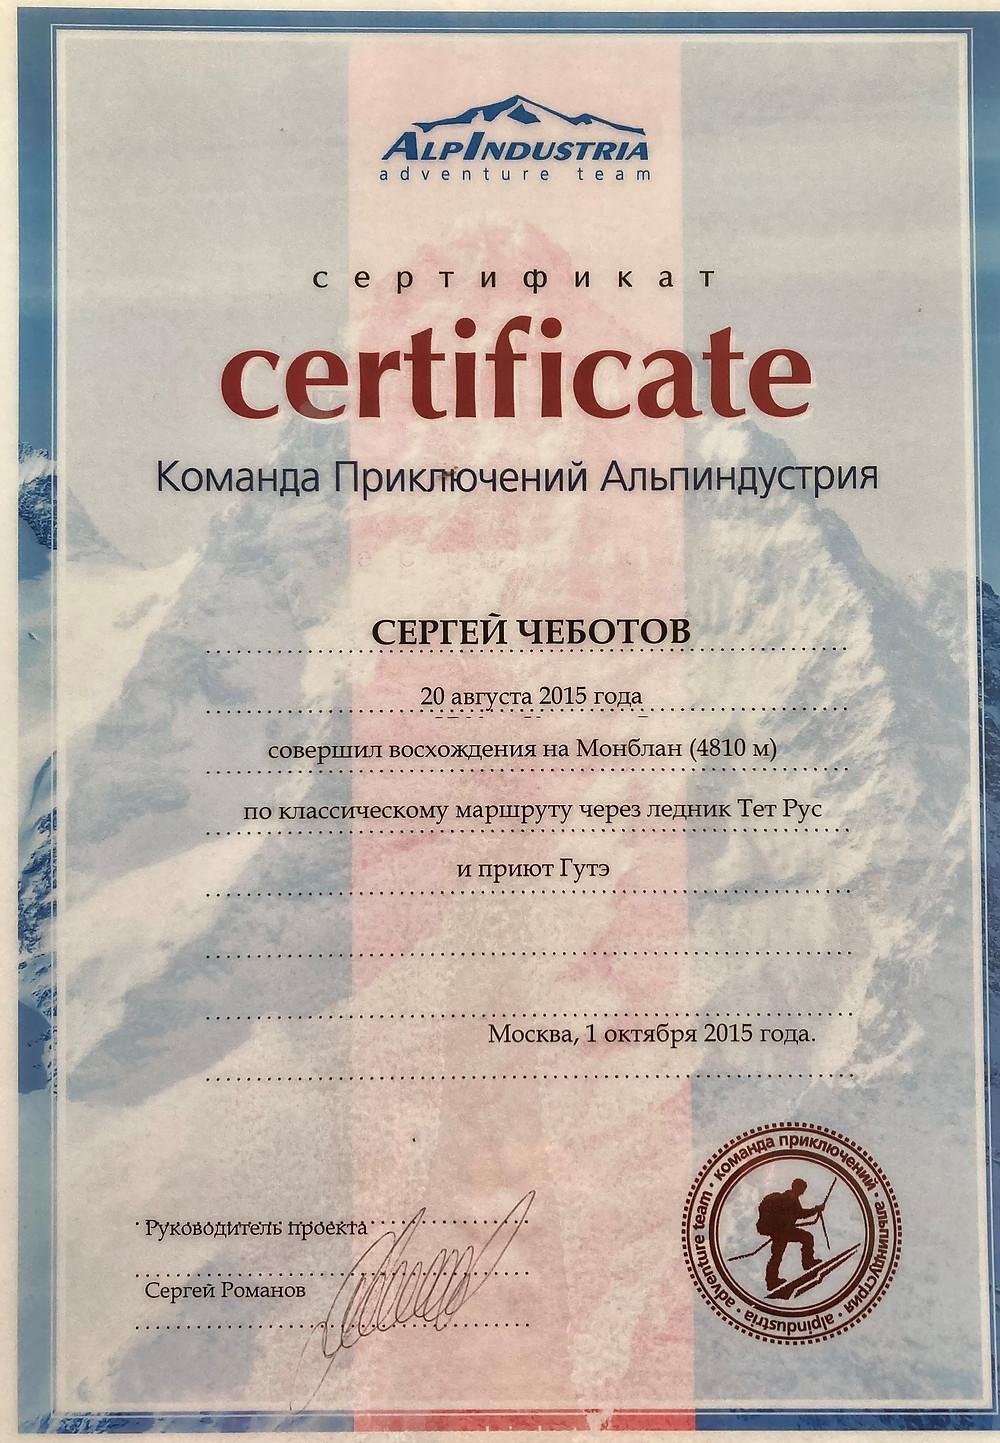 Сертификат о восхождении| skitour.club| Блог Сергея Чеботова